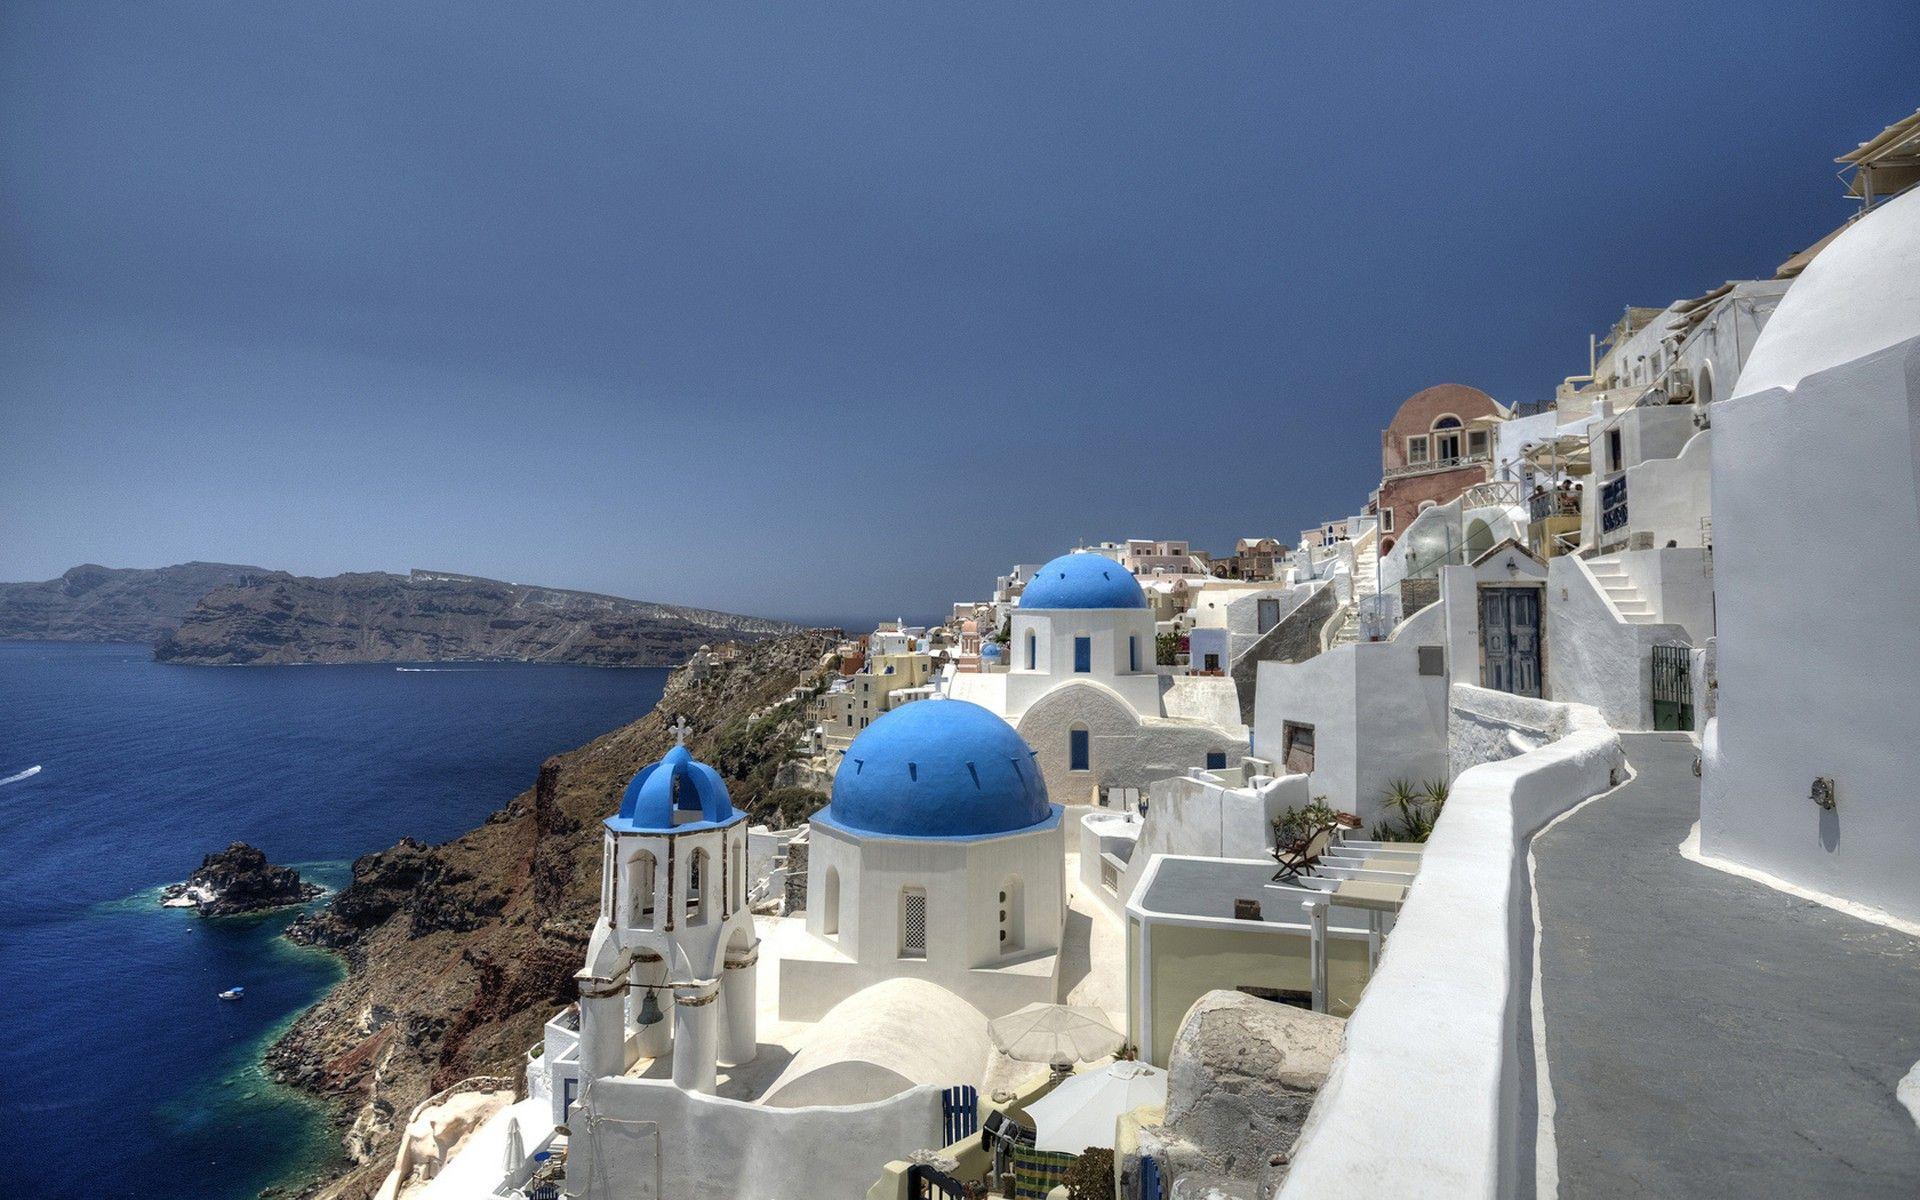 fond d'ecran iles grecques